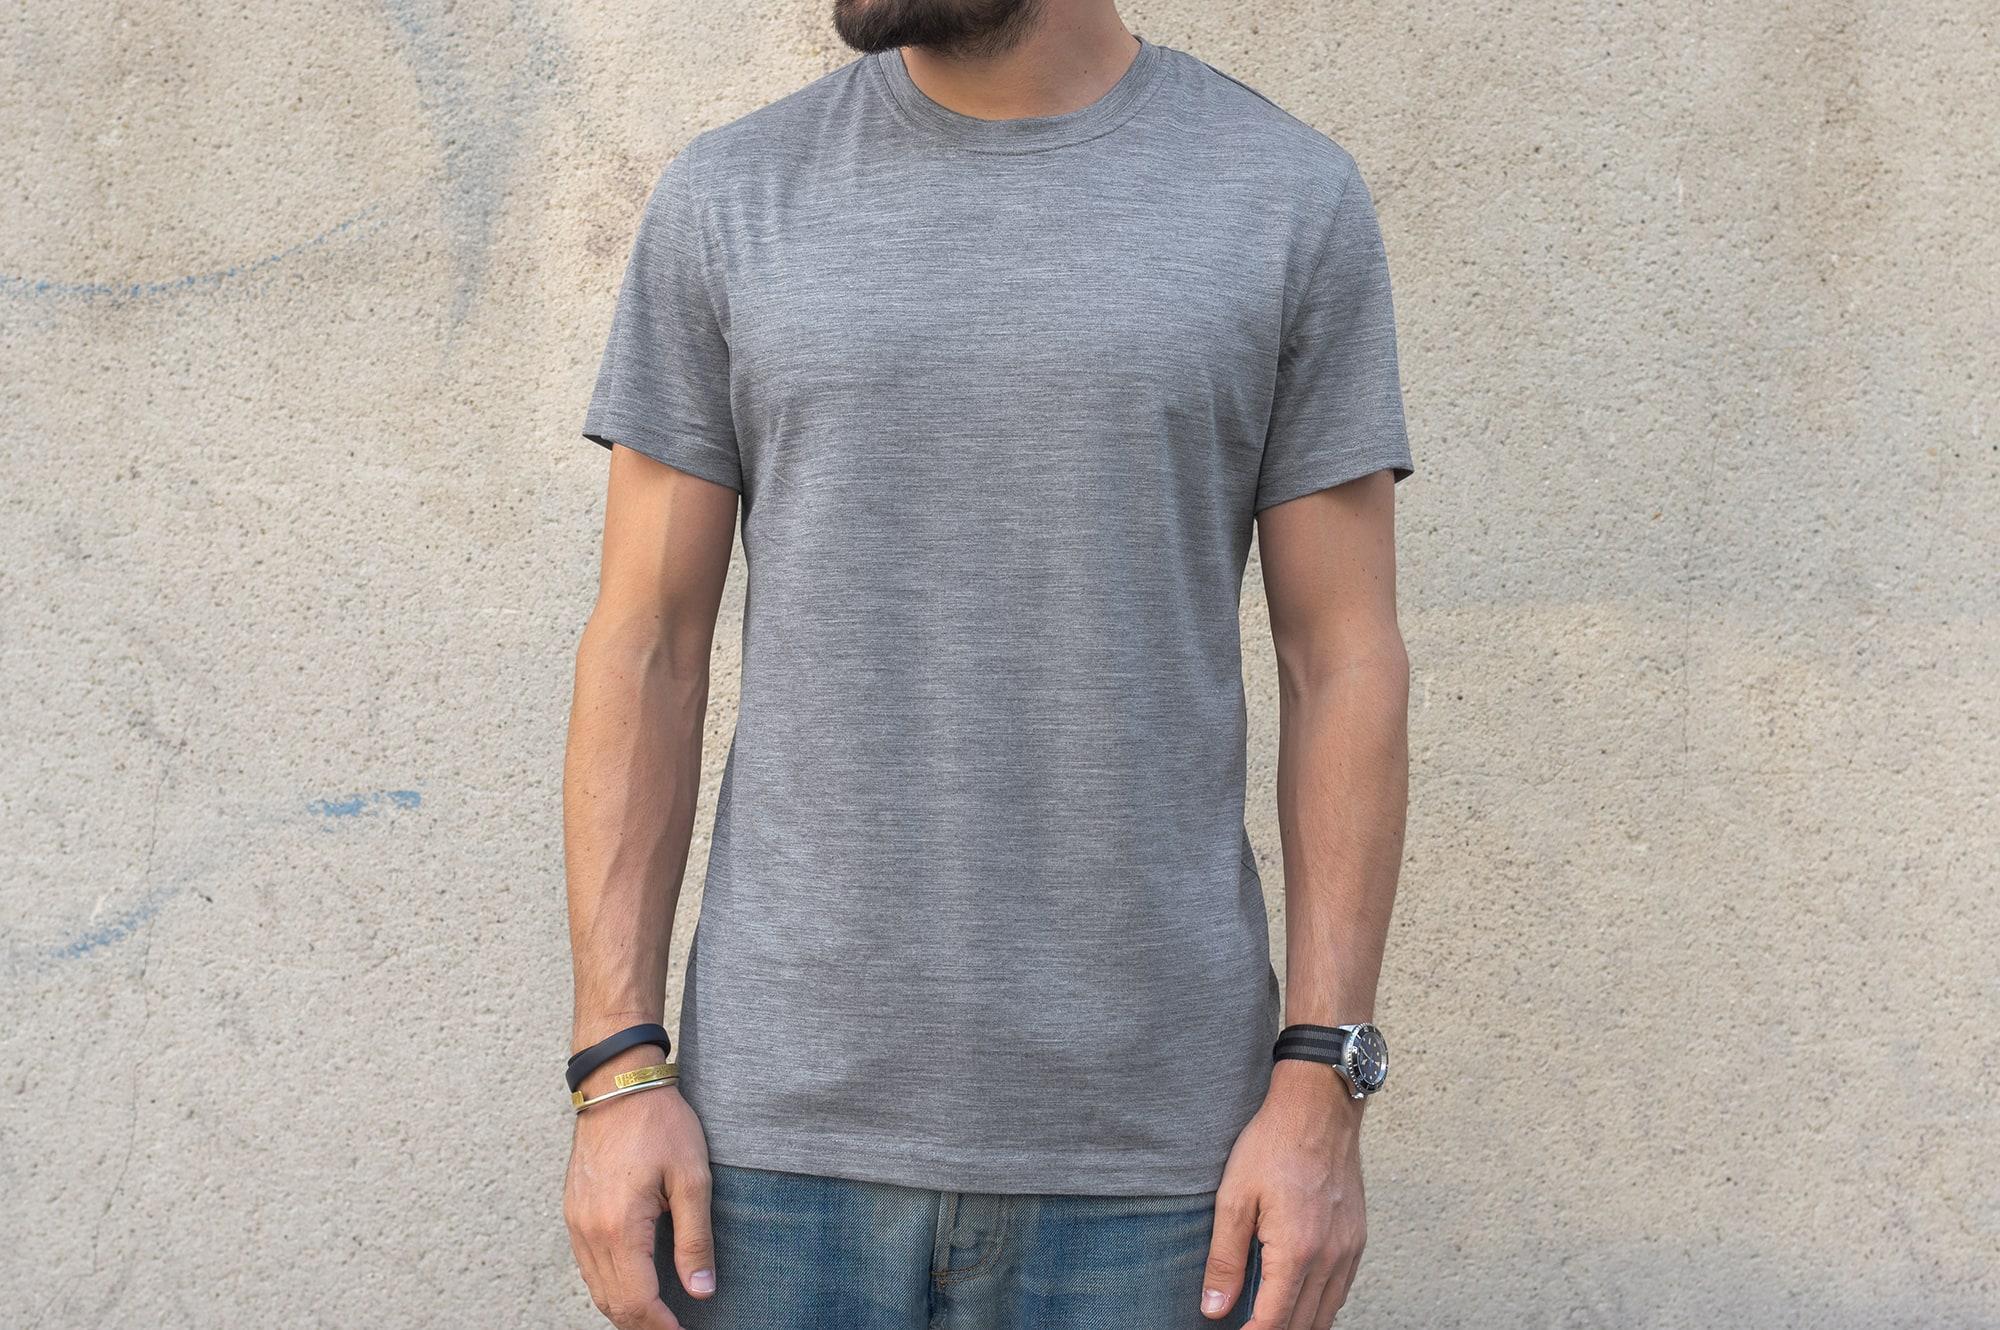 conseil style homme masculin avec un tee shirt en laine mérinos de la marque benî confortable chaud et régulant